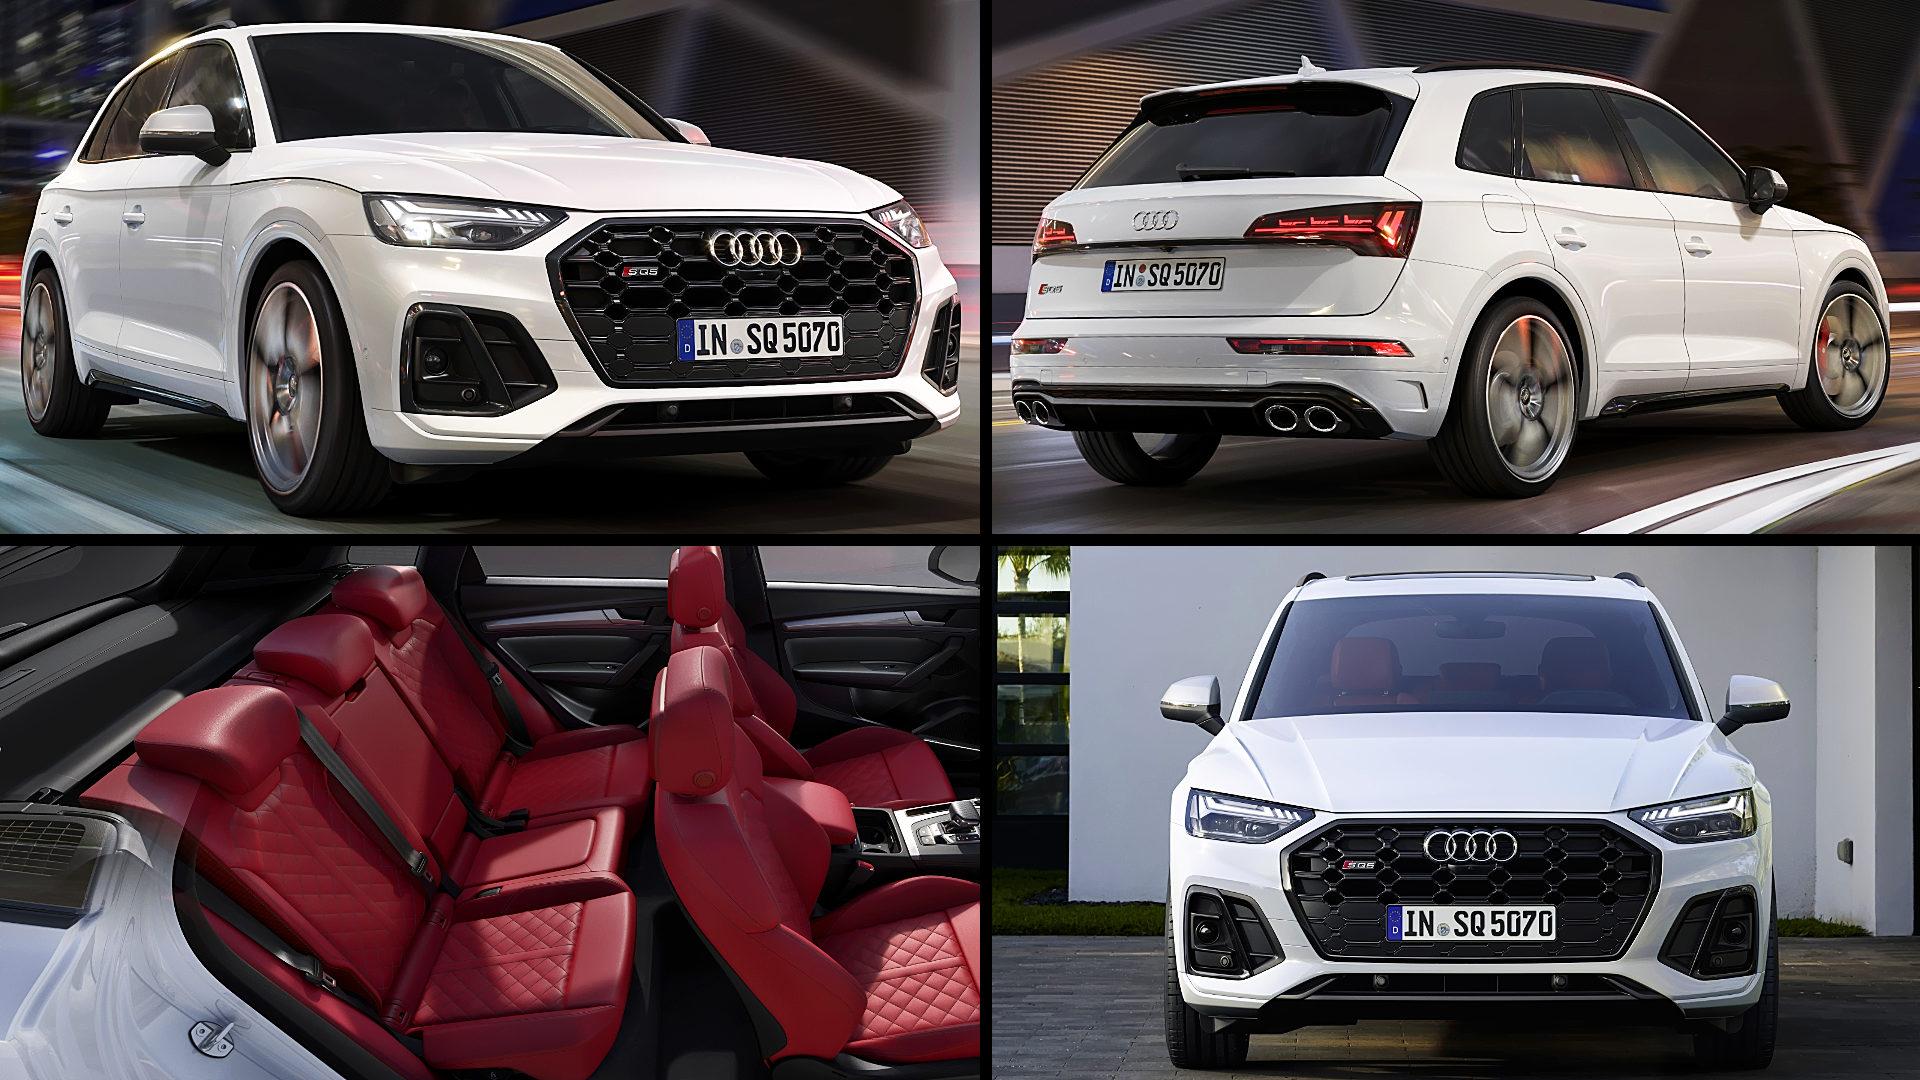 2021 Audi Crossover Models SQ5 SUV